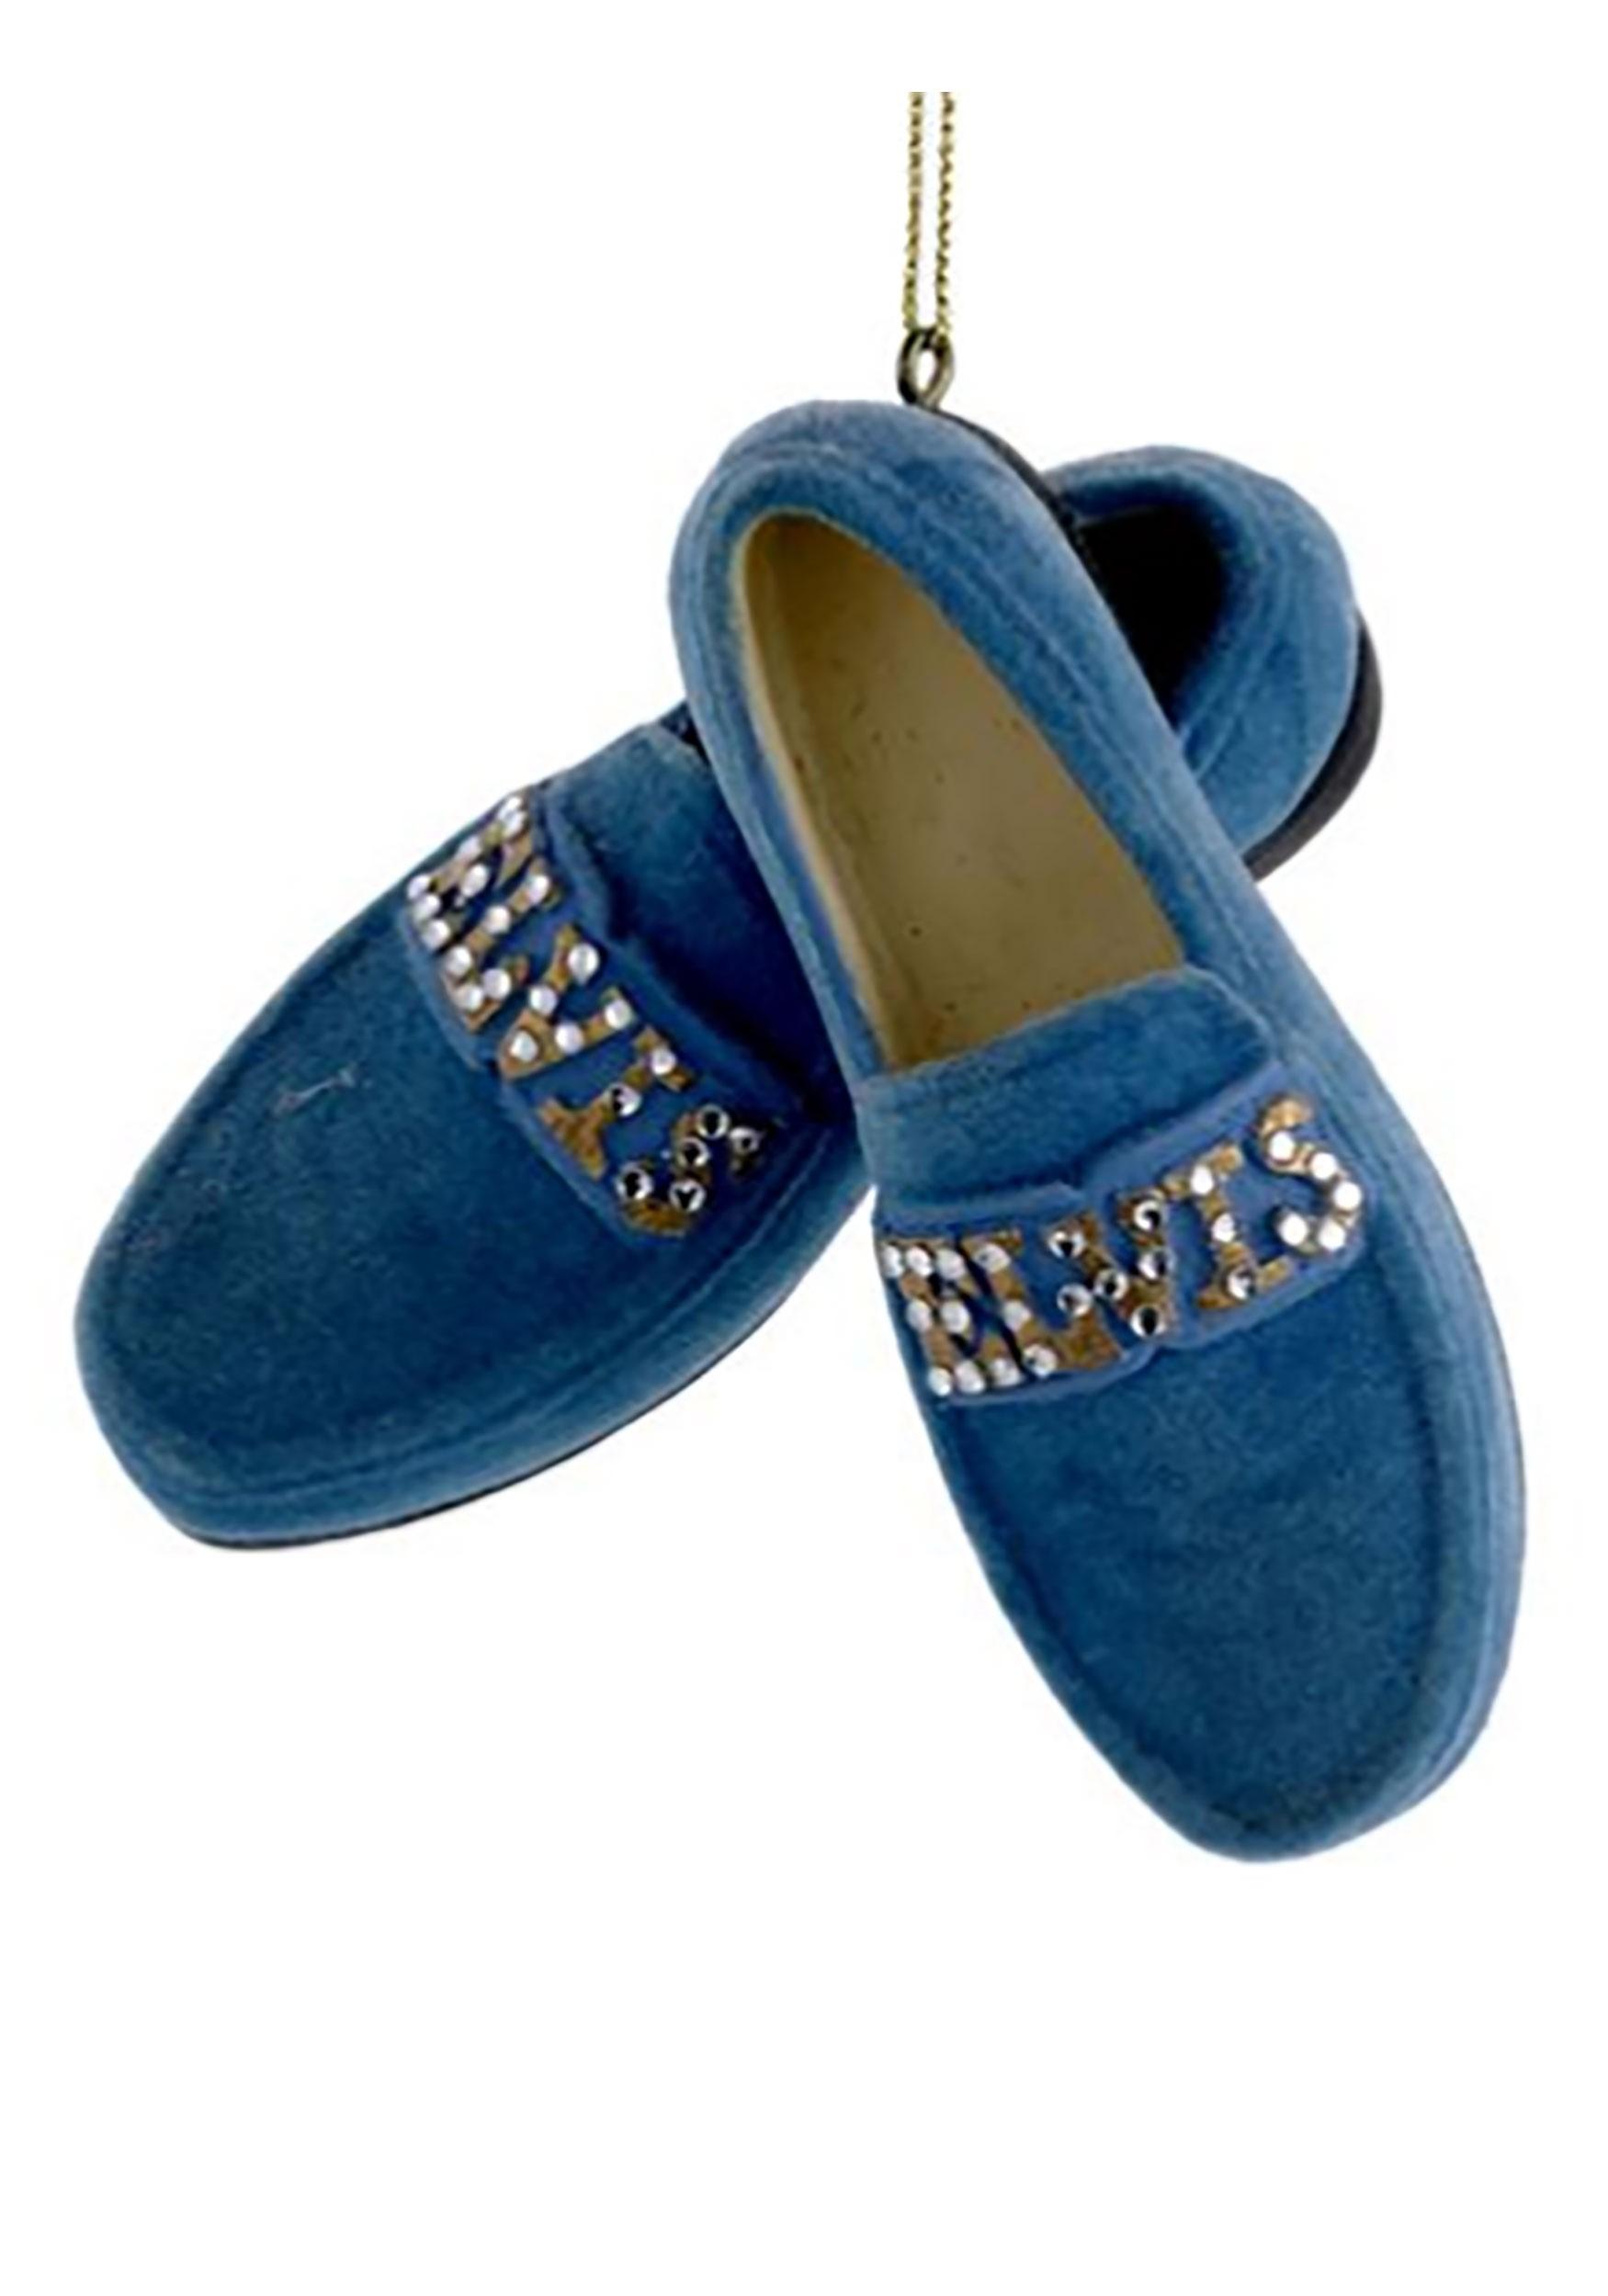 Blue Suede Shoes Elvis Ornament